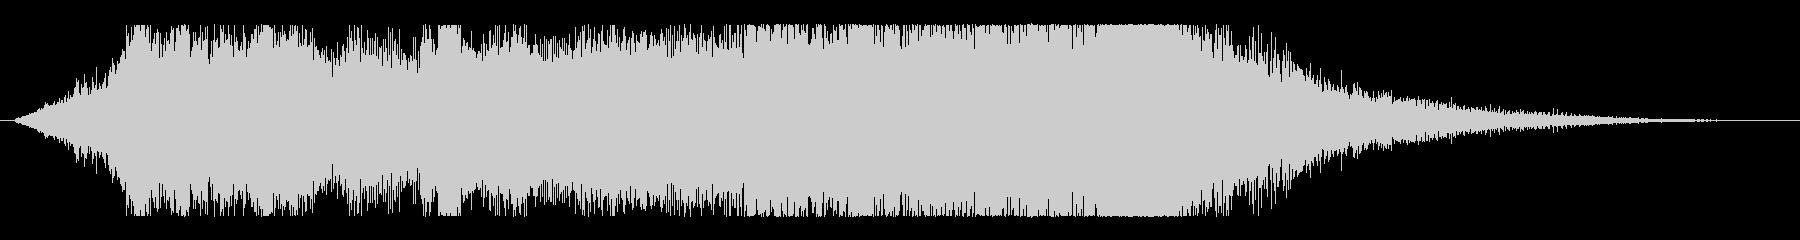 背筋が凍る恐怖のホラー・サスペンスロゴの未再生の波形